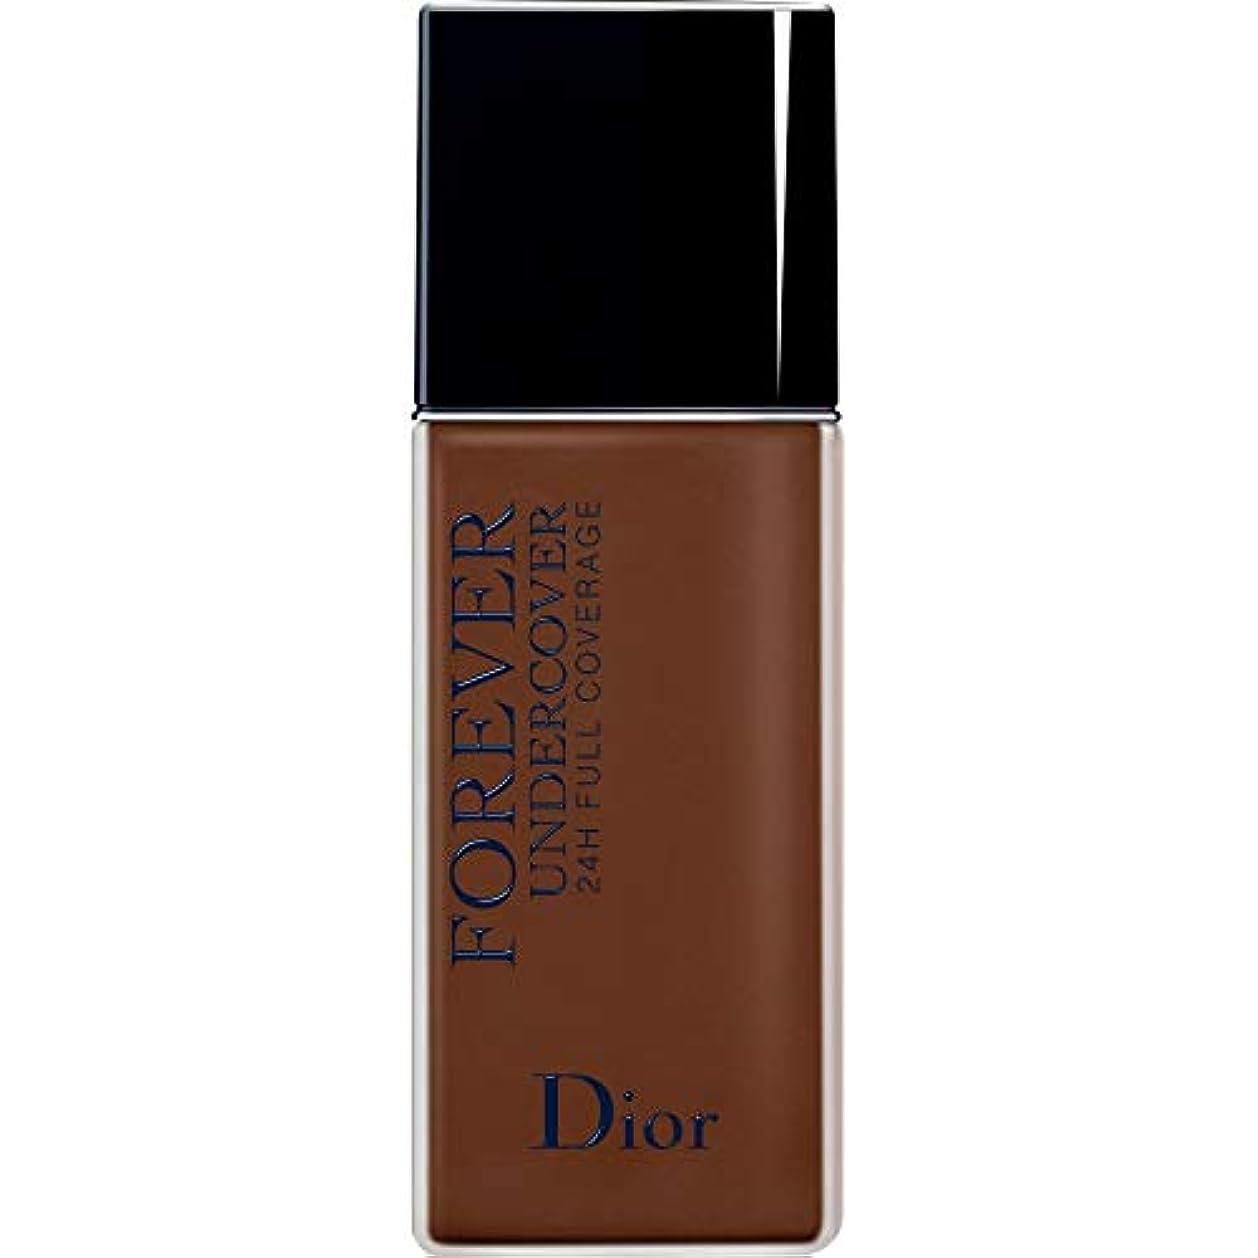 ページ偏見倫理[Dior ] ディオールディオールスキン永遠アンダーカバーフルカバーの基礎40ミリリットル080 - 黒檀 - DIOR Diorskin Forever Undercover Full Coverage Foundation 40ml 080 - Ebony [並行輸入品]